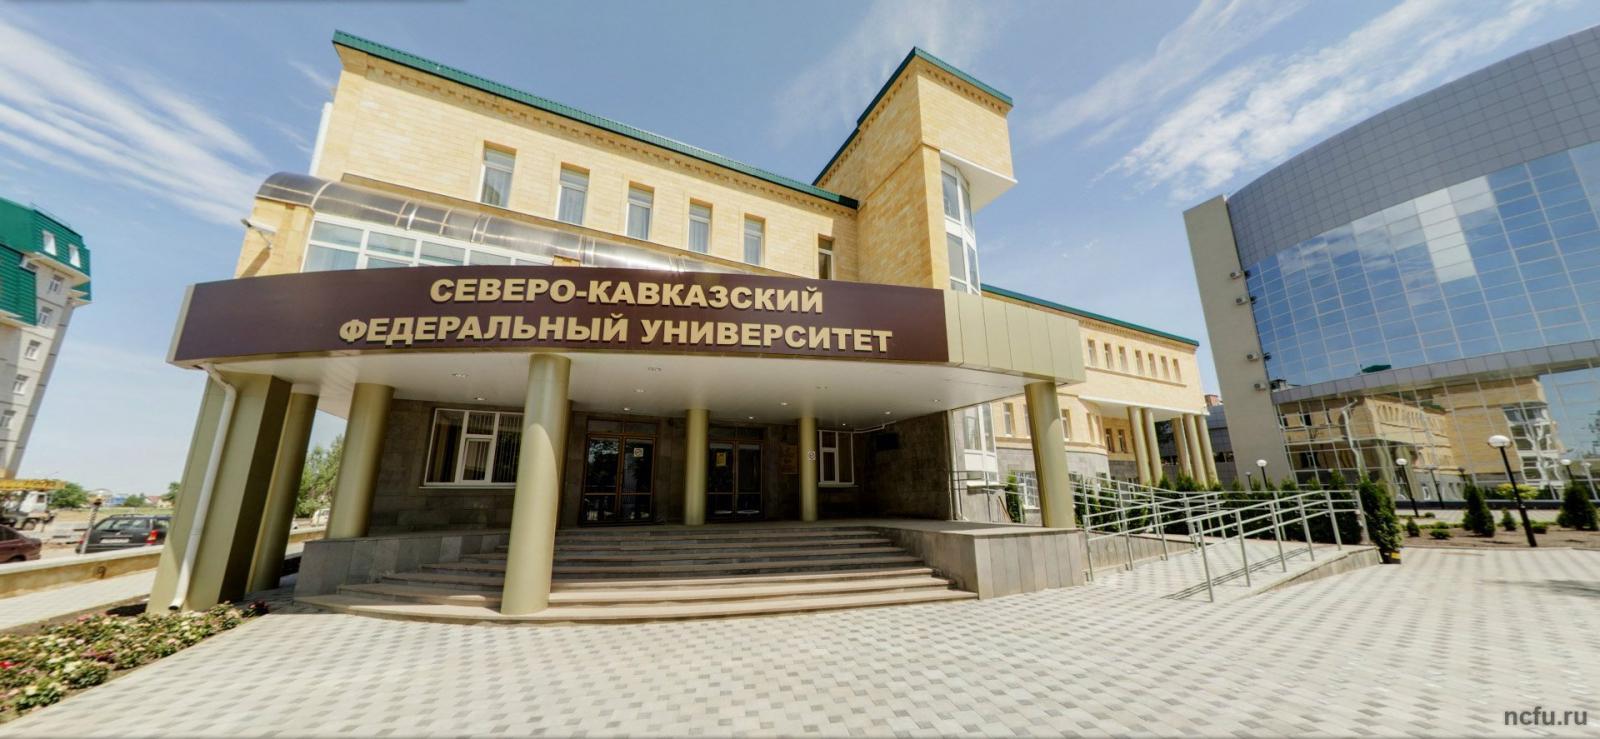 Северо-Кавказский федеральный университет